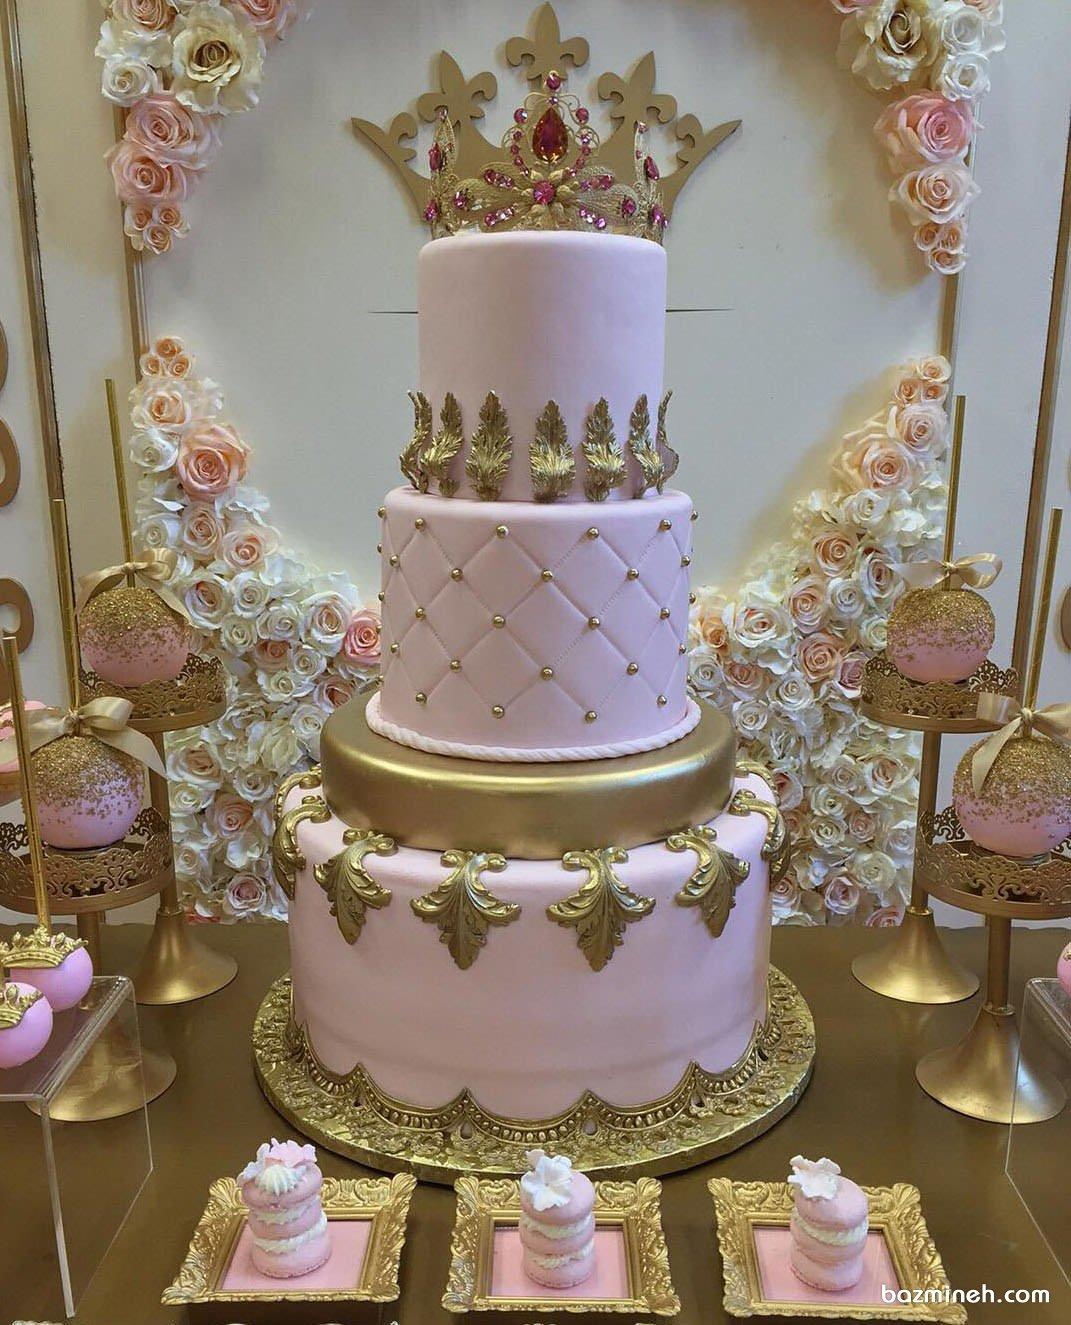 کیک چند طبقه فوندانت جشن تولد دخترانه با تم تاج صورتی طلایی